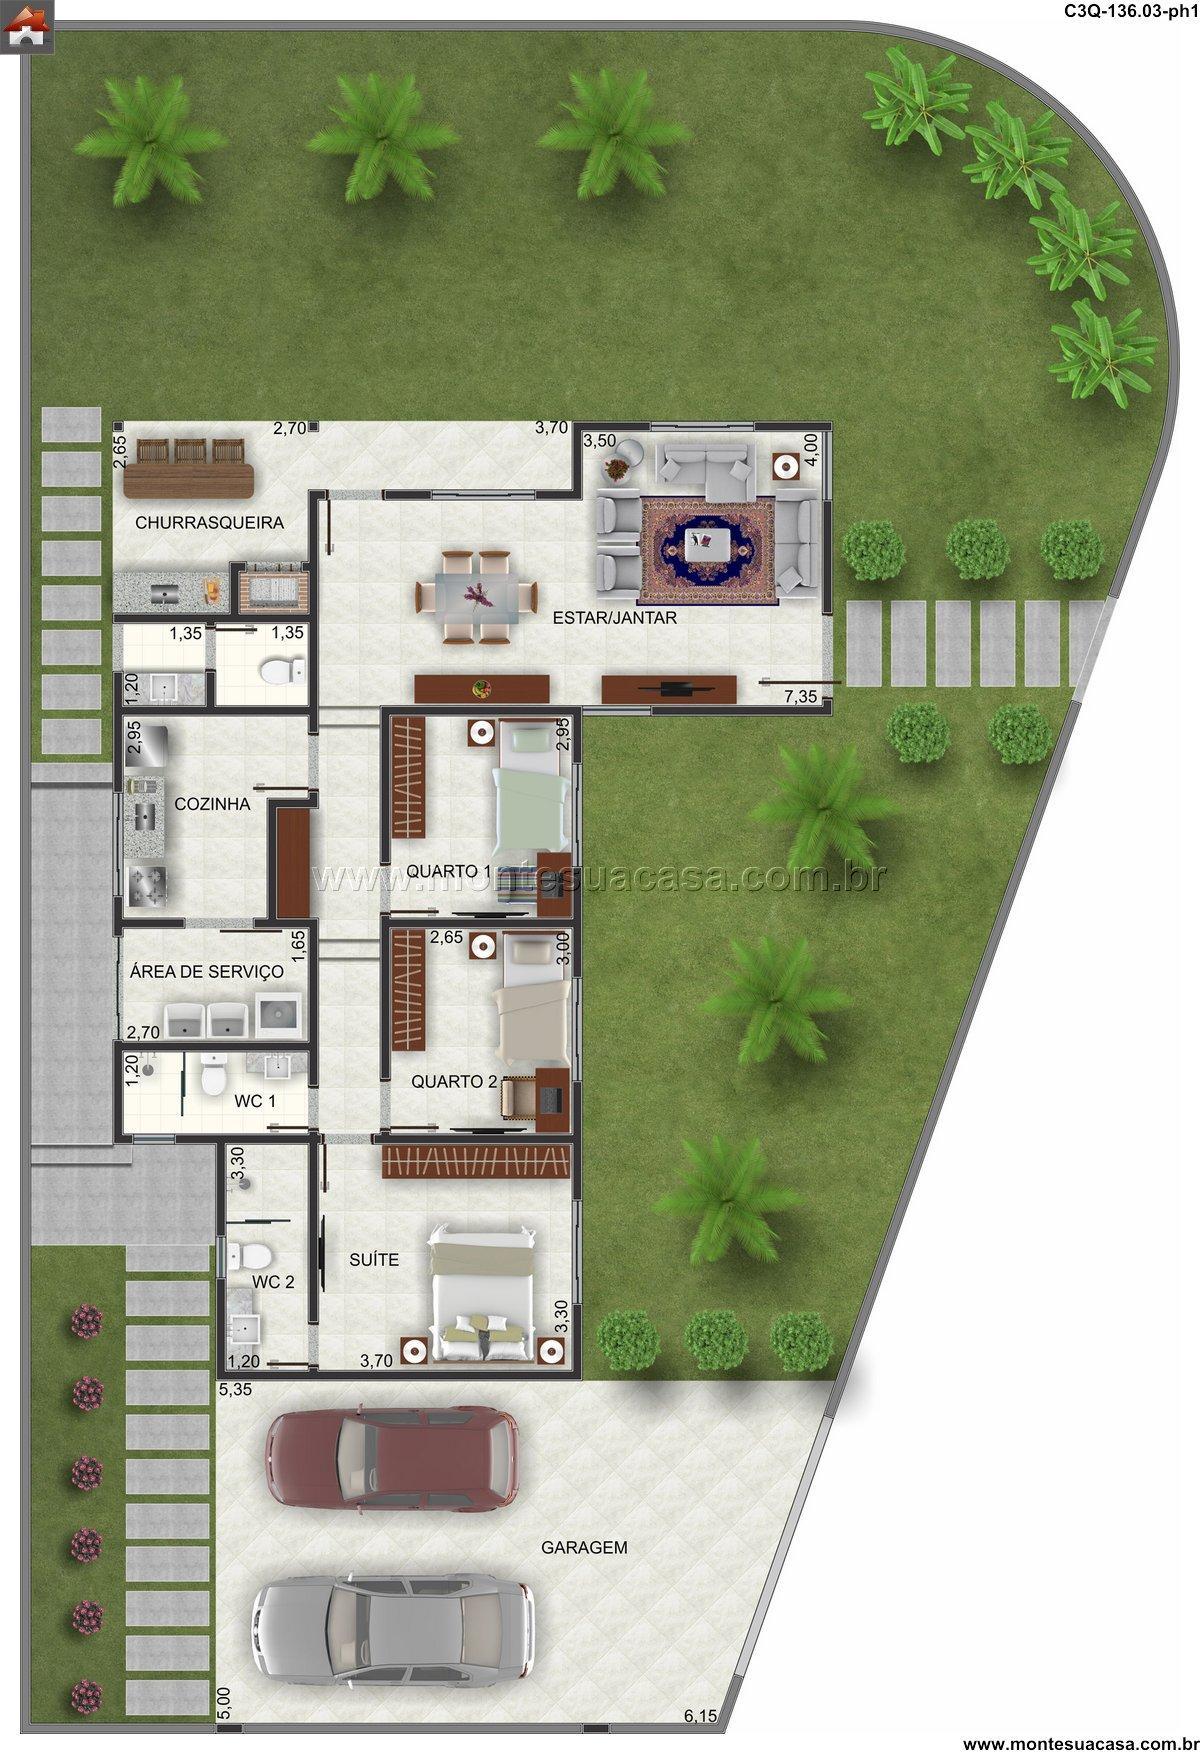 Casa 2 Quartos - 136.03m²